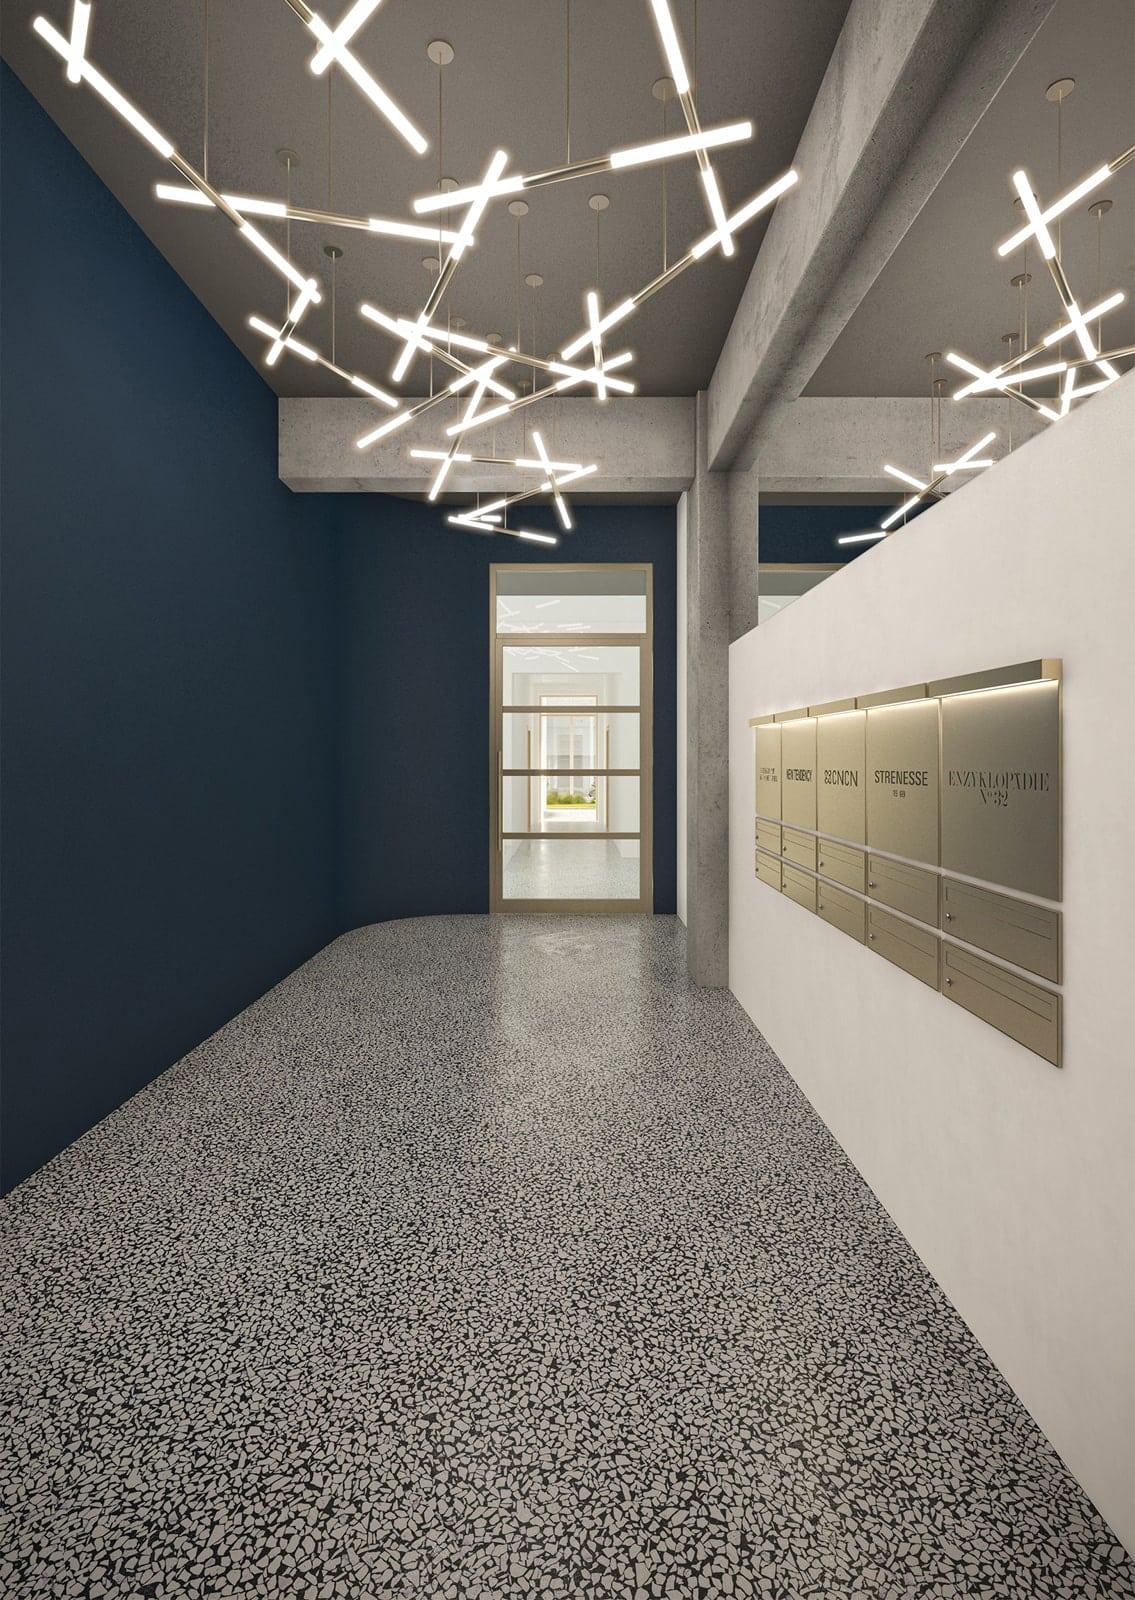 archiv-b franz sonnenstrasse umbau rendering Foyer